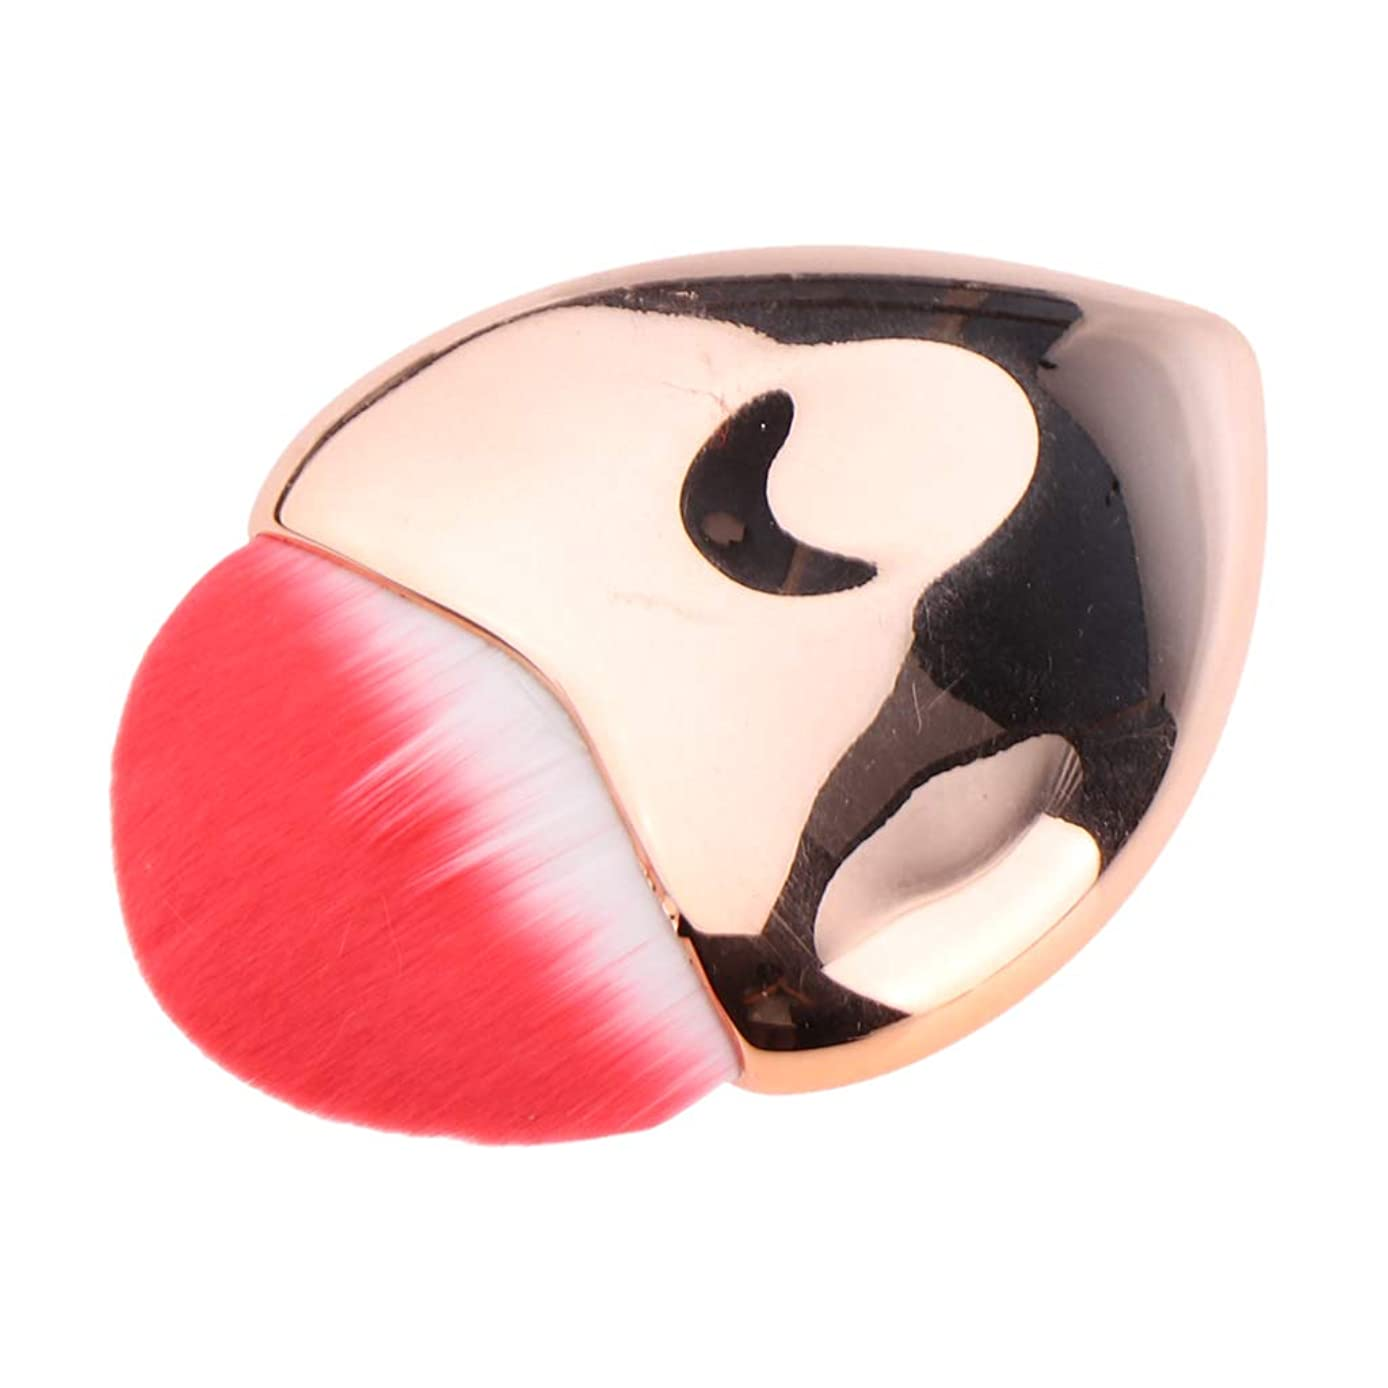 報復雇用者改善B Blesiya メイクアップブラシ 化粧ブラシ パウダー お化粧 可愛い ハート 4色選べ - ローズゴールド